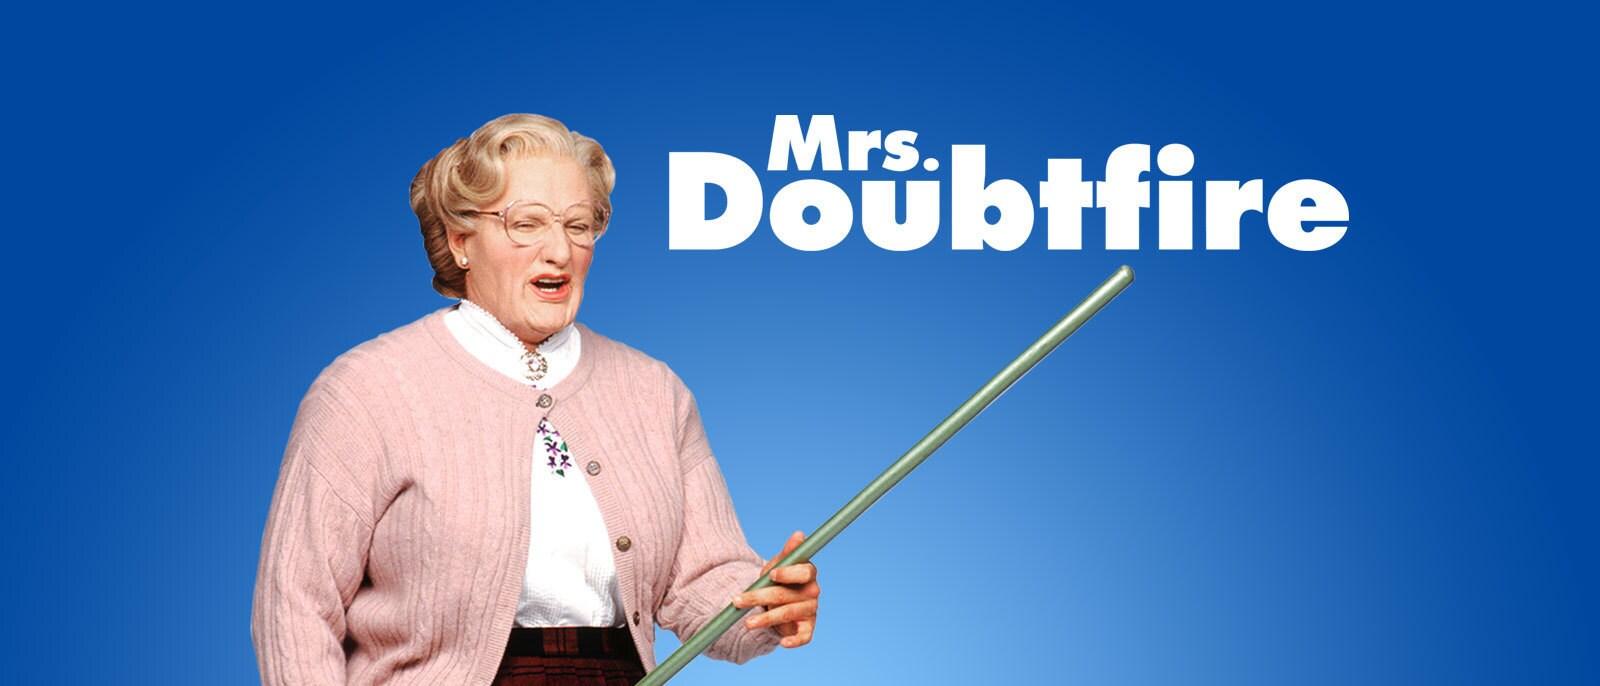 Mrs. Doubtfire Hero